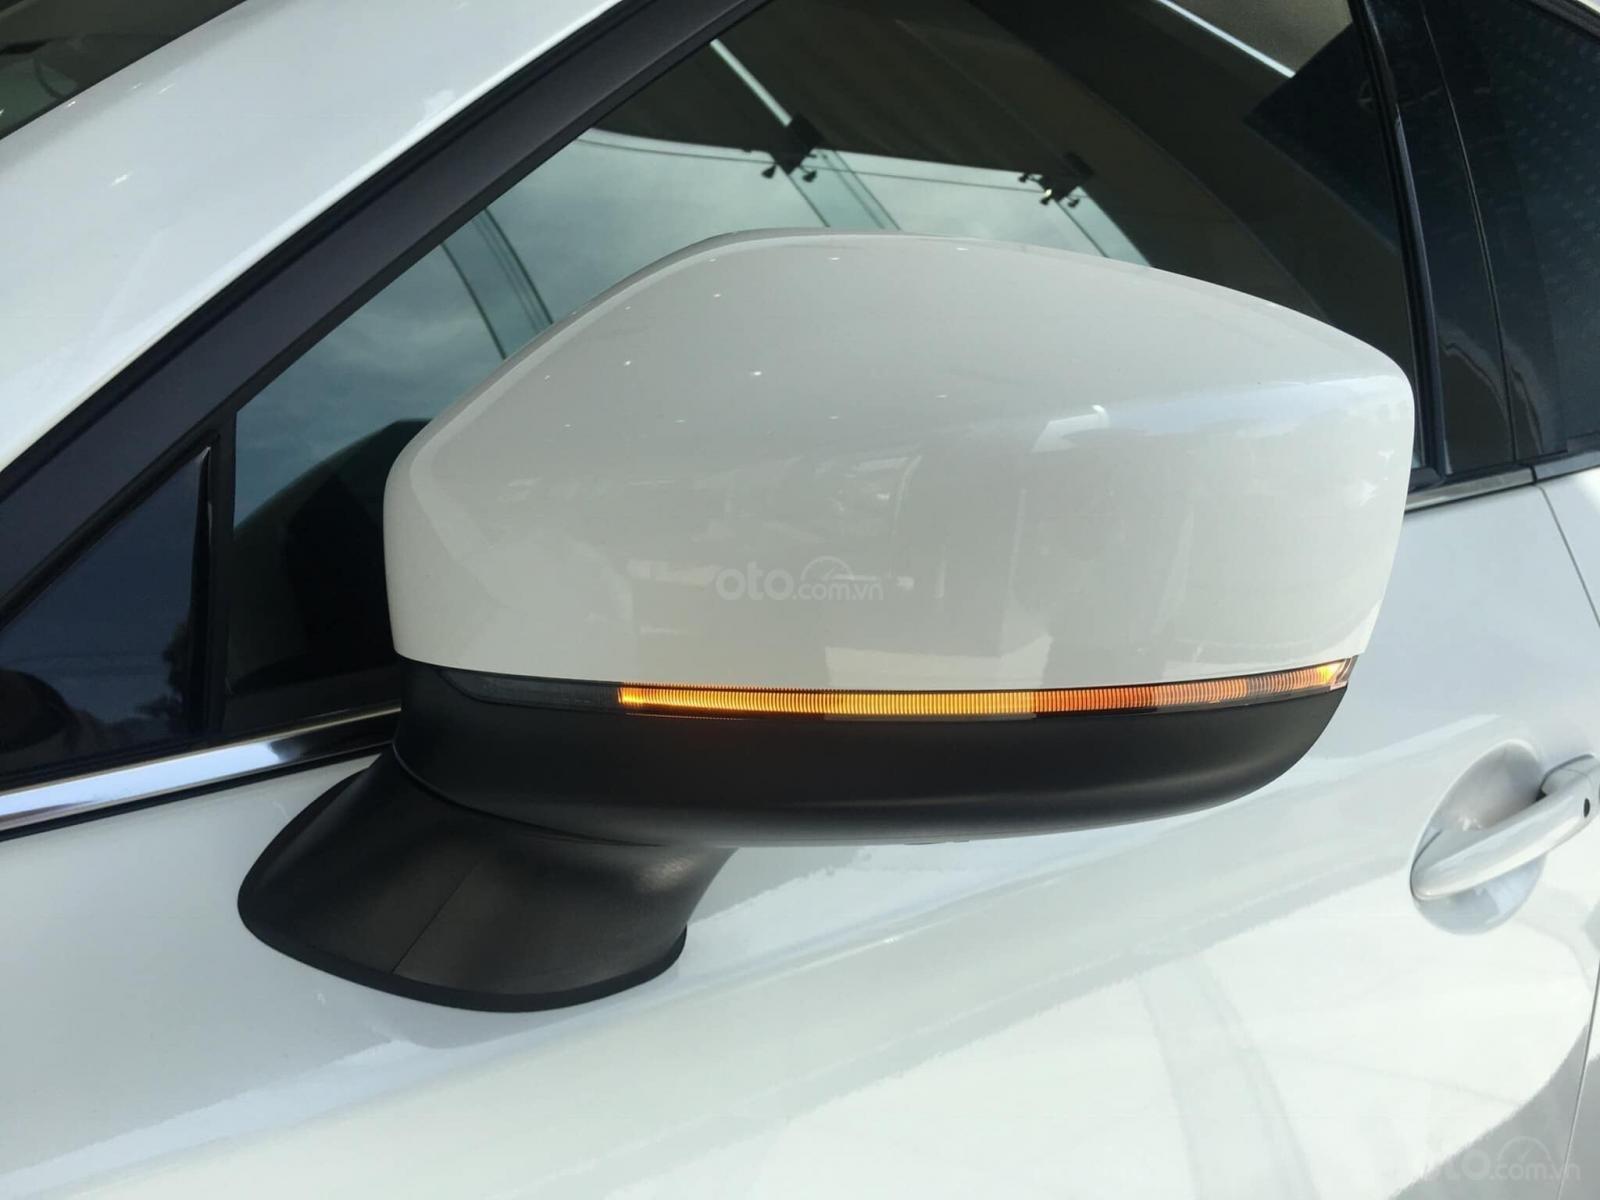 [Mazda Bình Triệu] Mua Mazda CX-5 giá tốt nhất. L/H: 0334.858.609 để được hỗ trợ-4